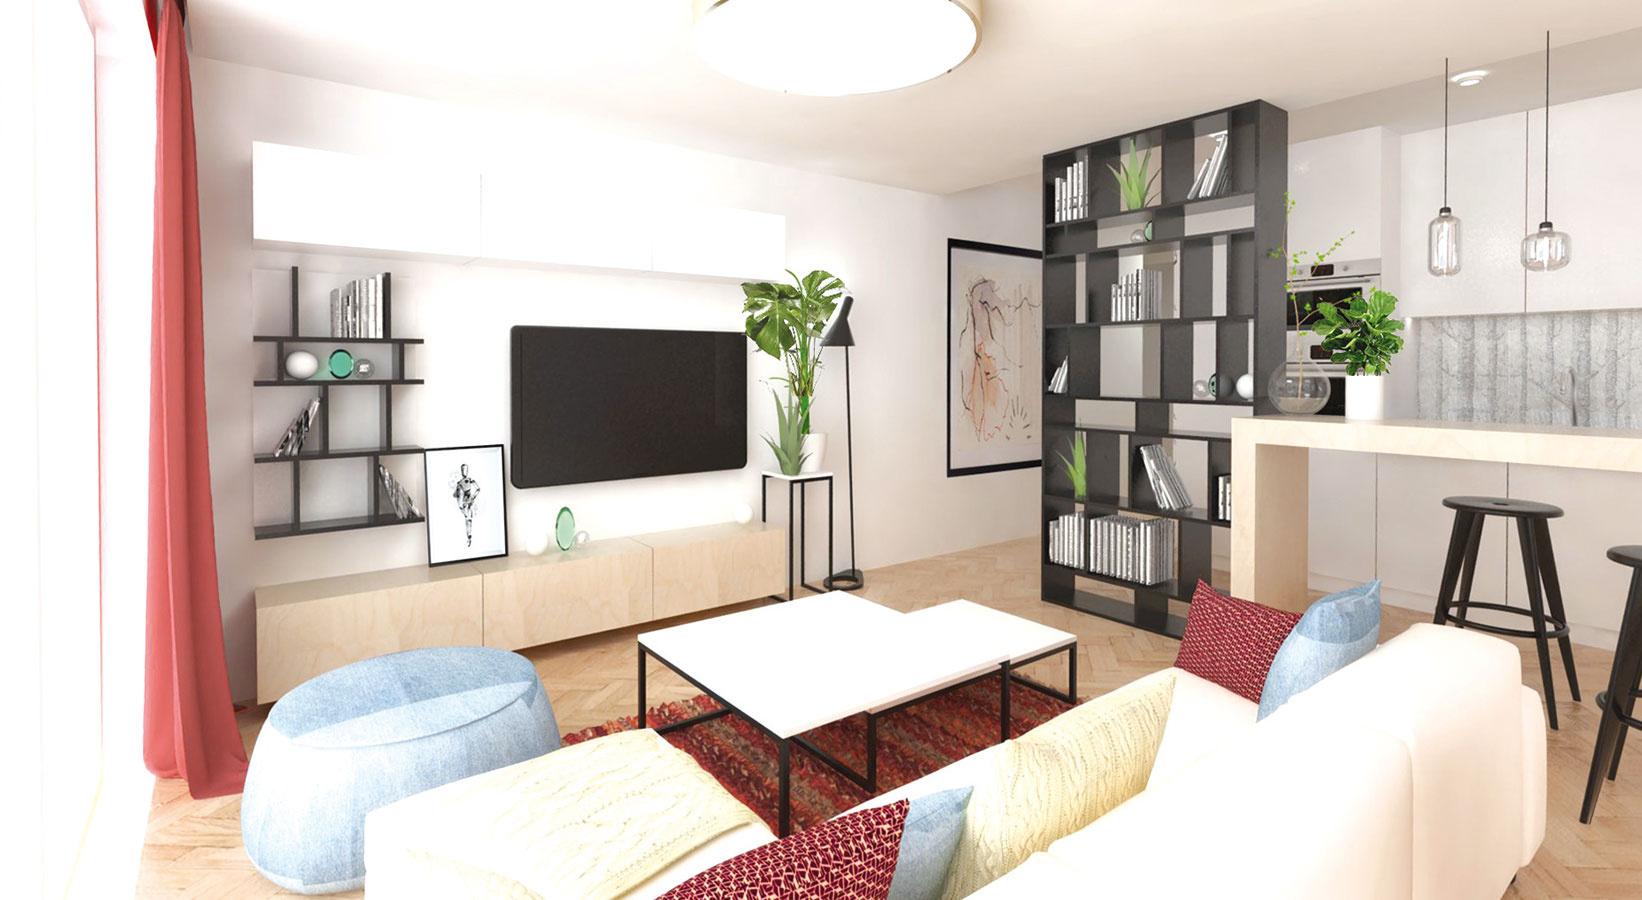 TV stenu tvoria dve uzavreté skrinky a plytká vitrína s rastrom zhodným s knižnicou, ktorá oddeľuje kuchyňu od obývačky.